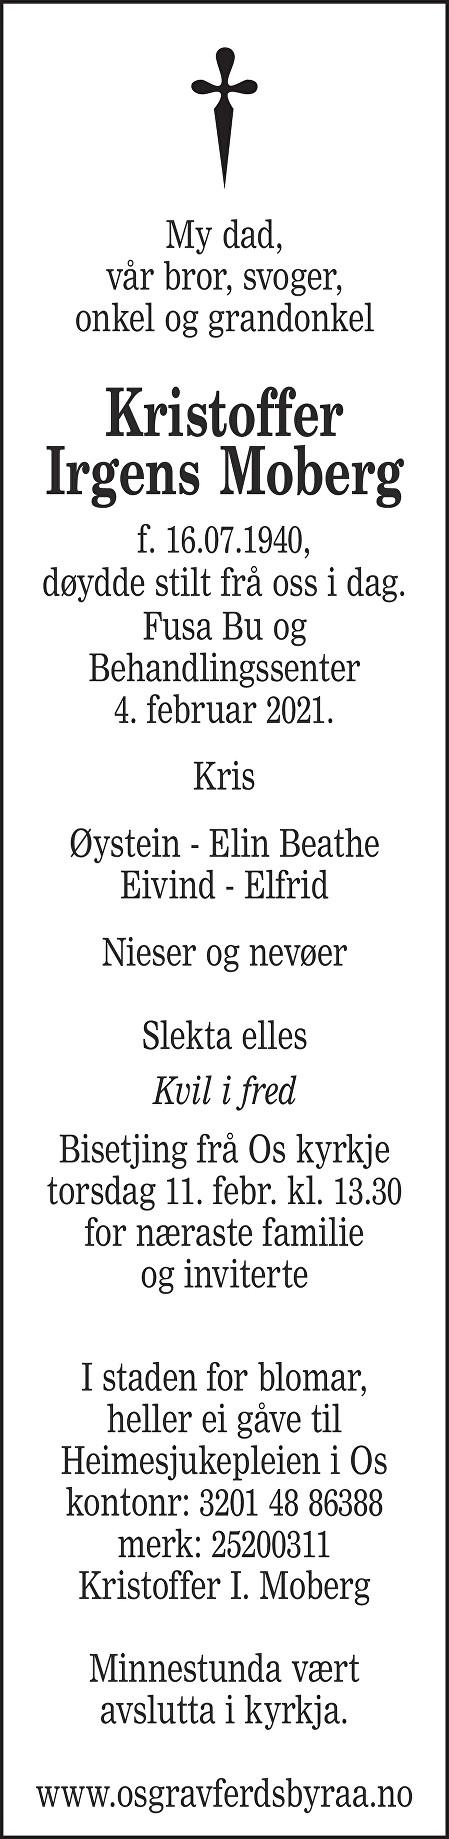 Kristoffer Irgens Moberg Dødsannonse